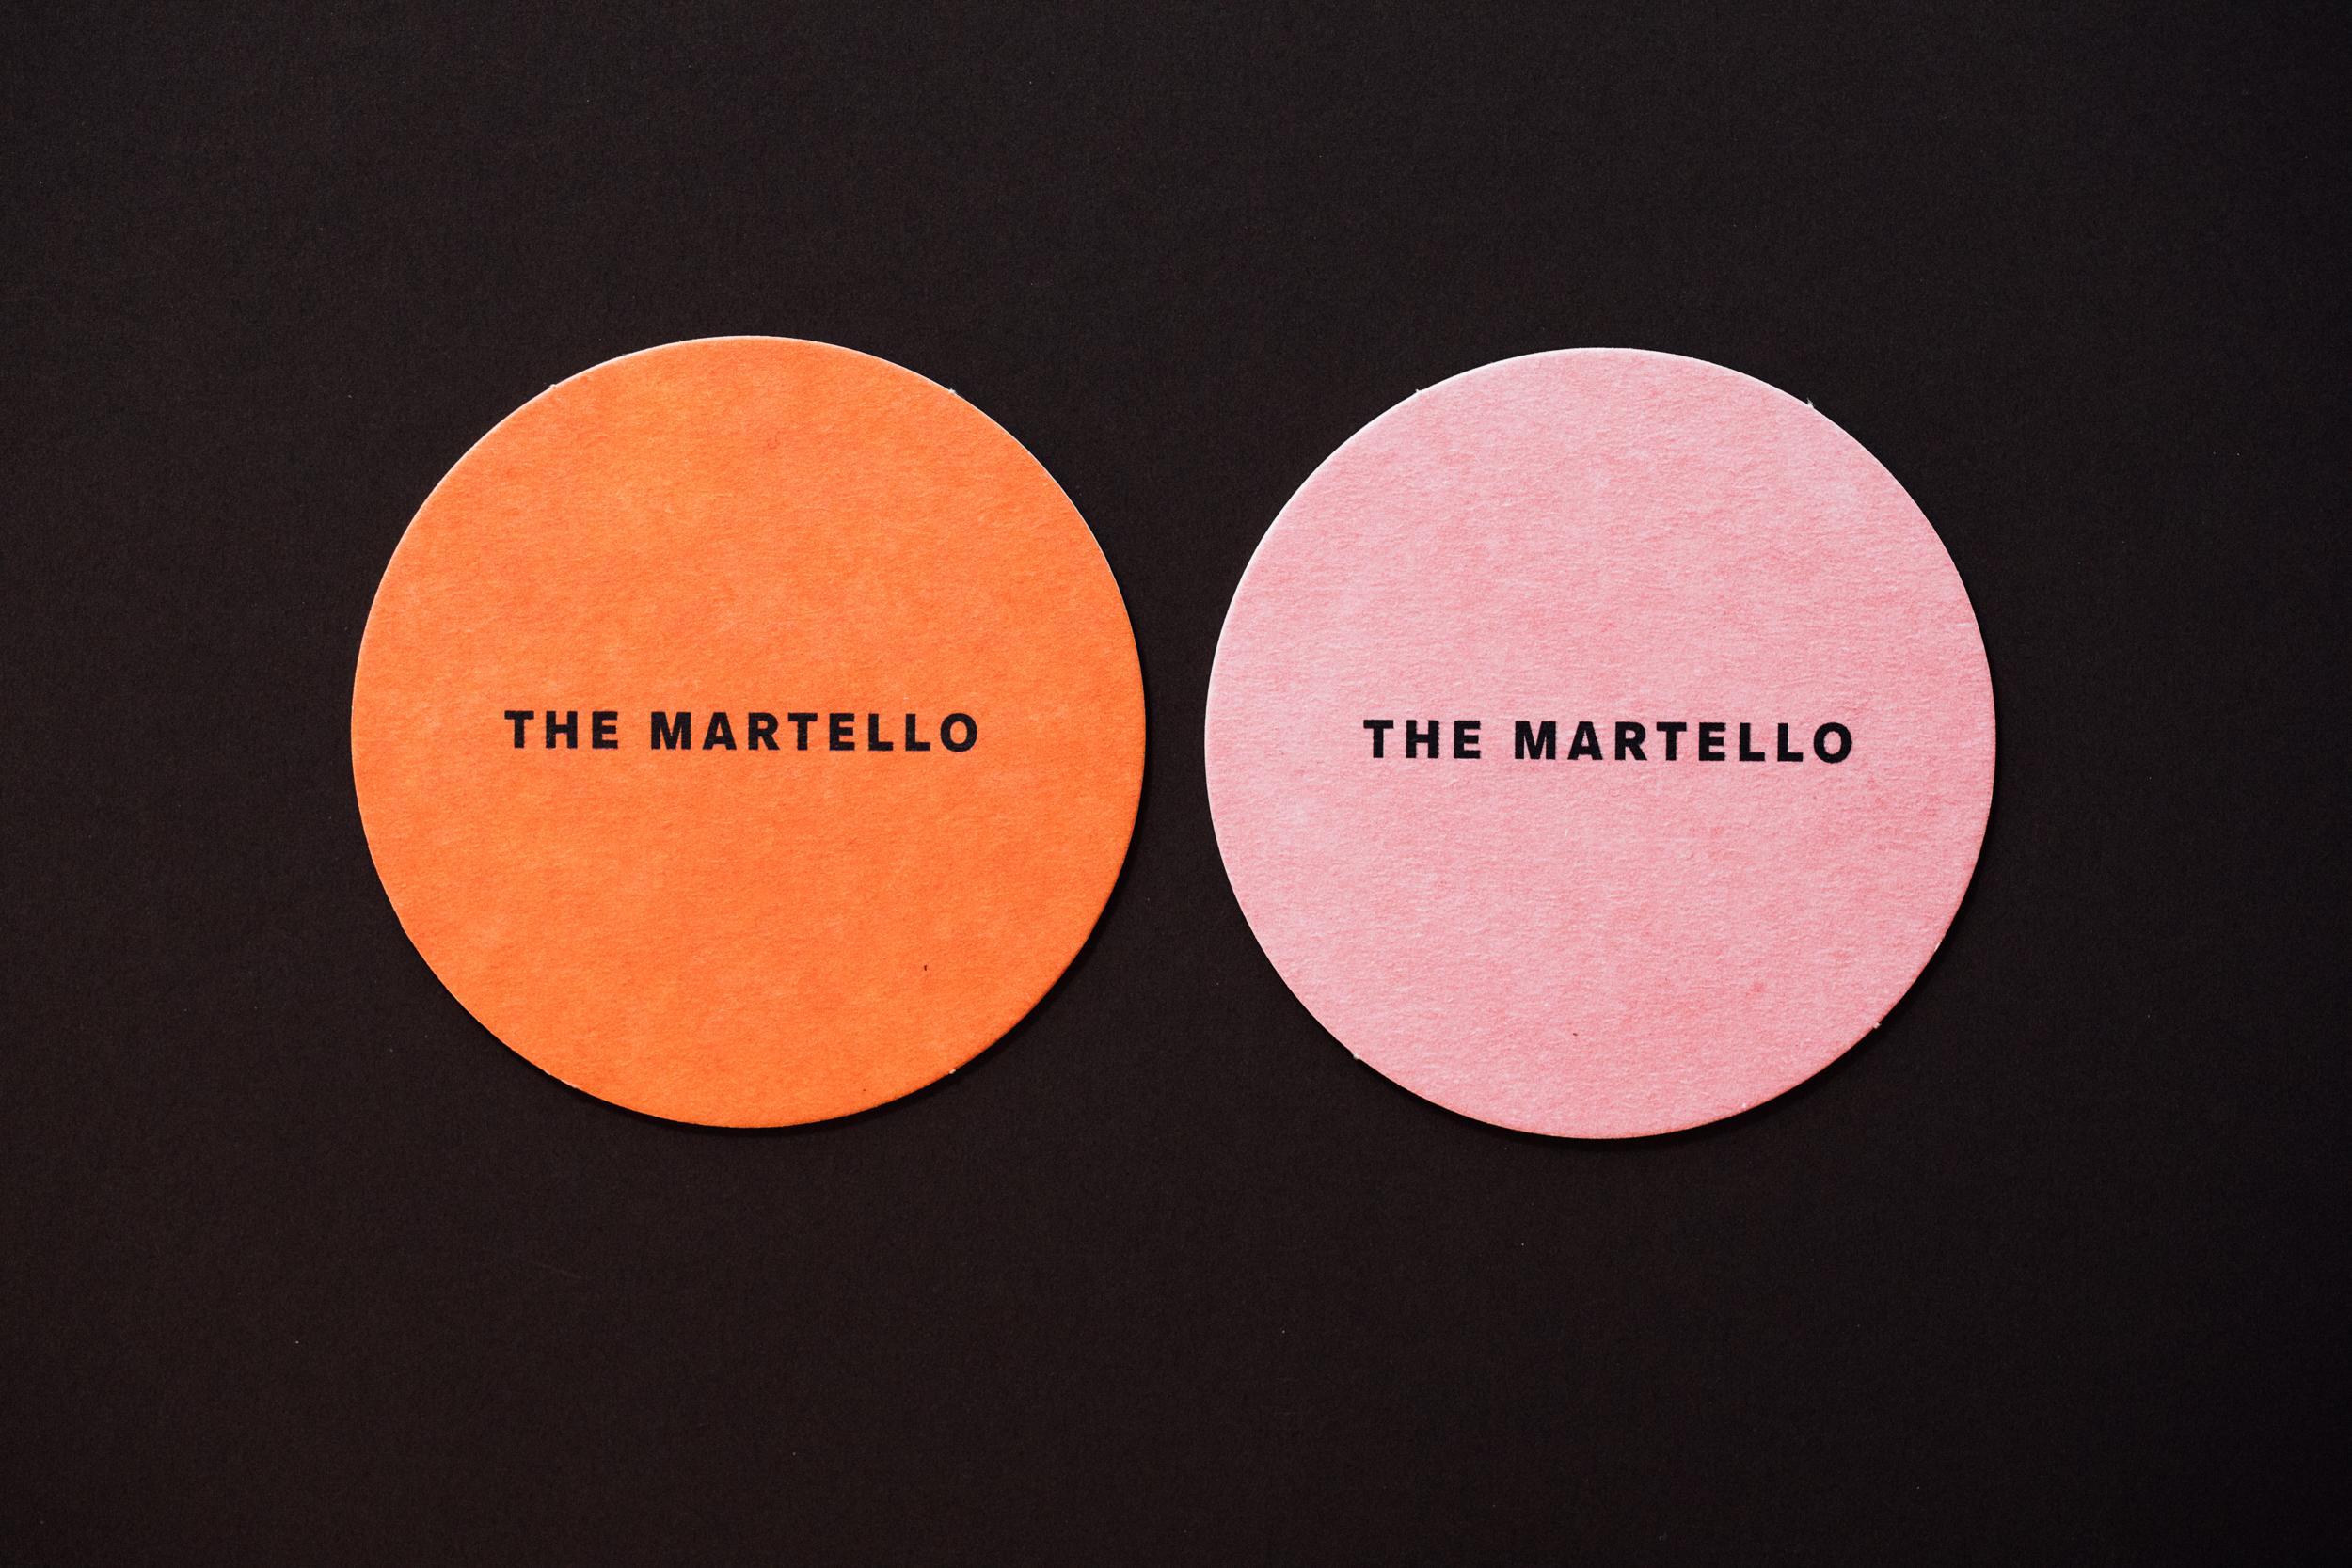 Beer mat design for The Martello, by brennan & stevens